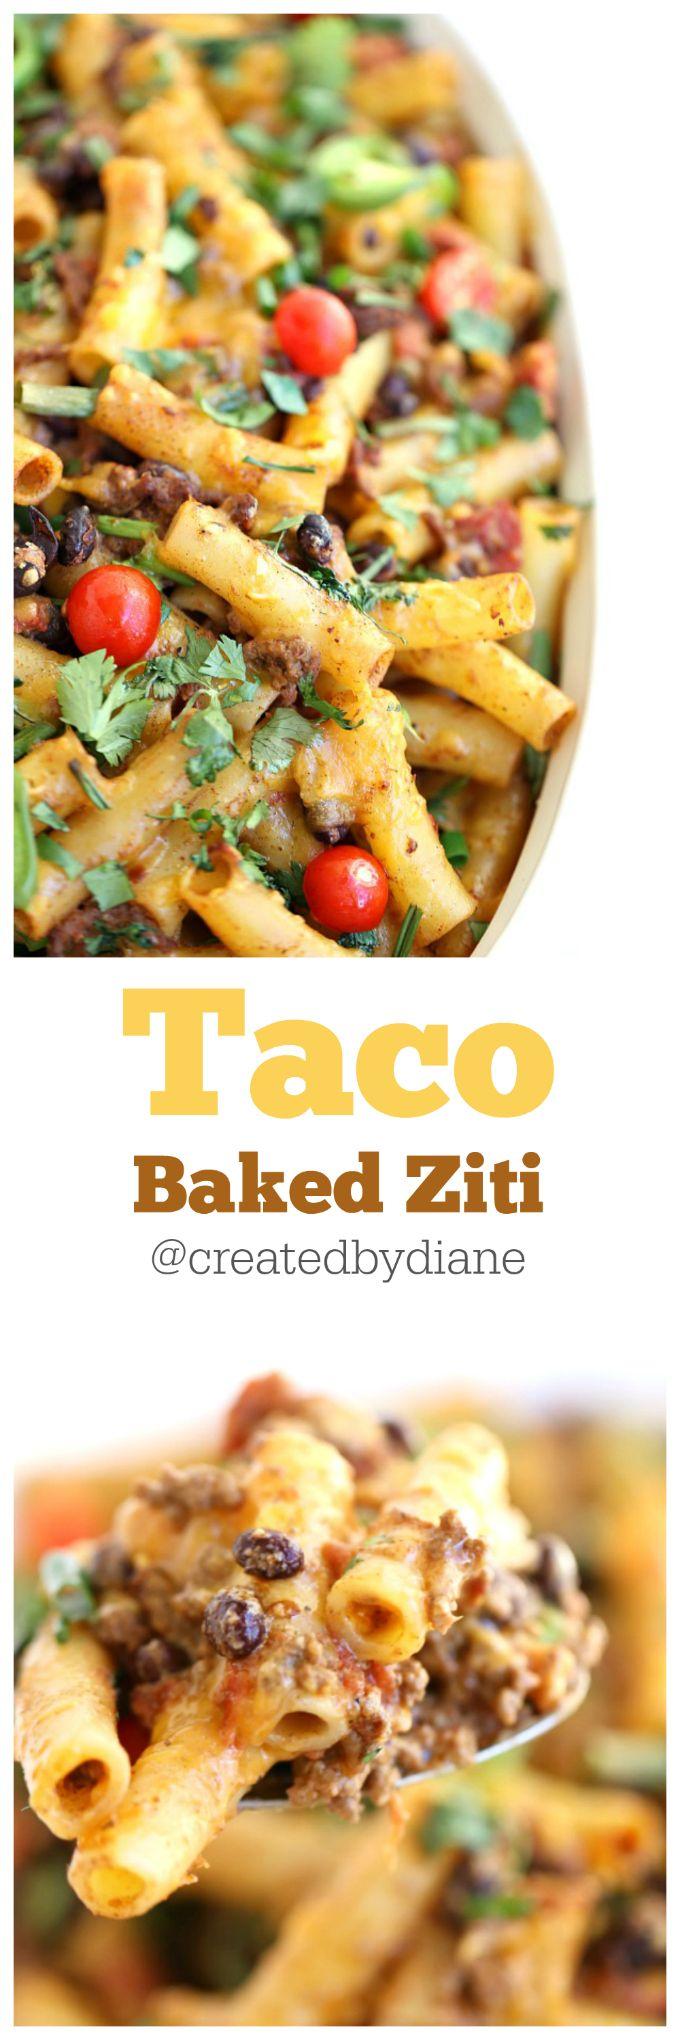 taco baked ziti www.createdby-diane.com